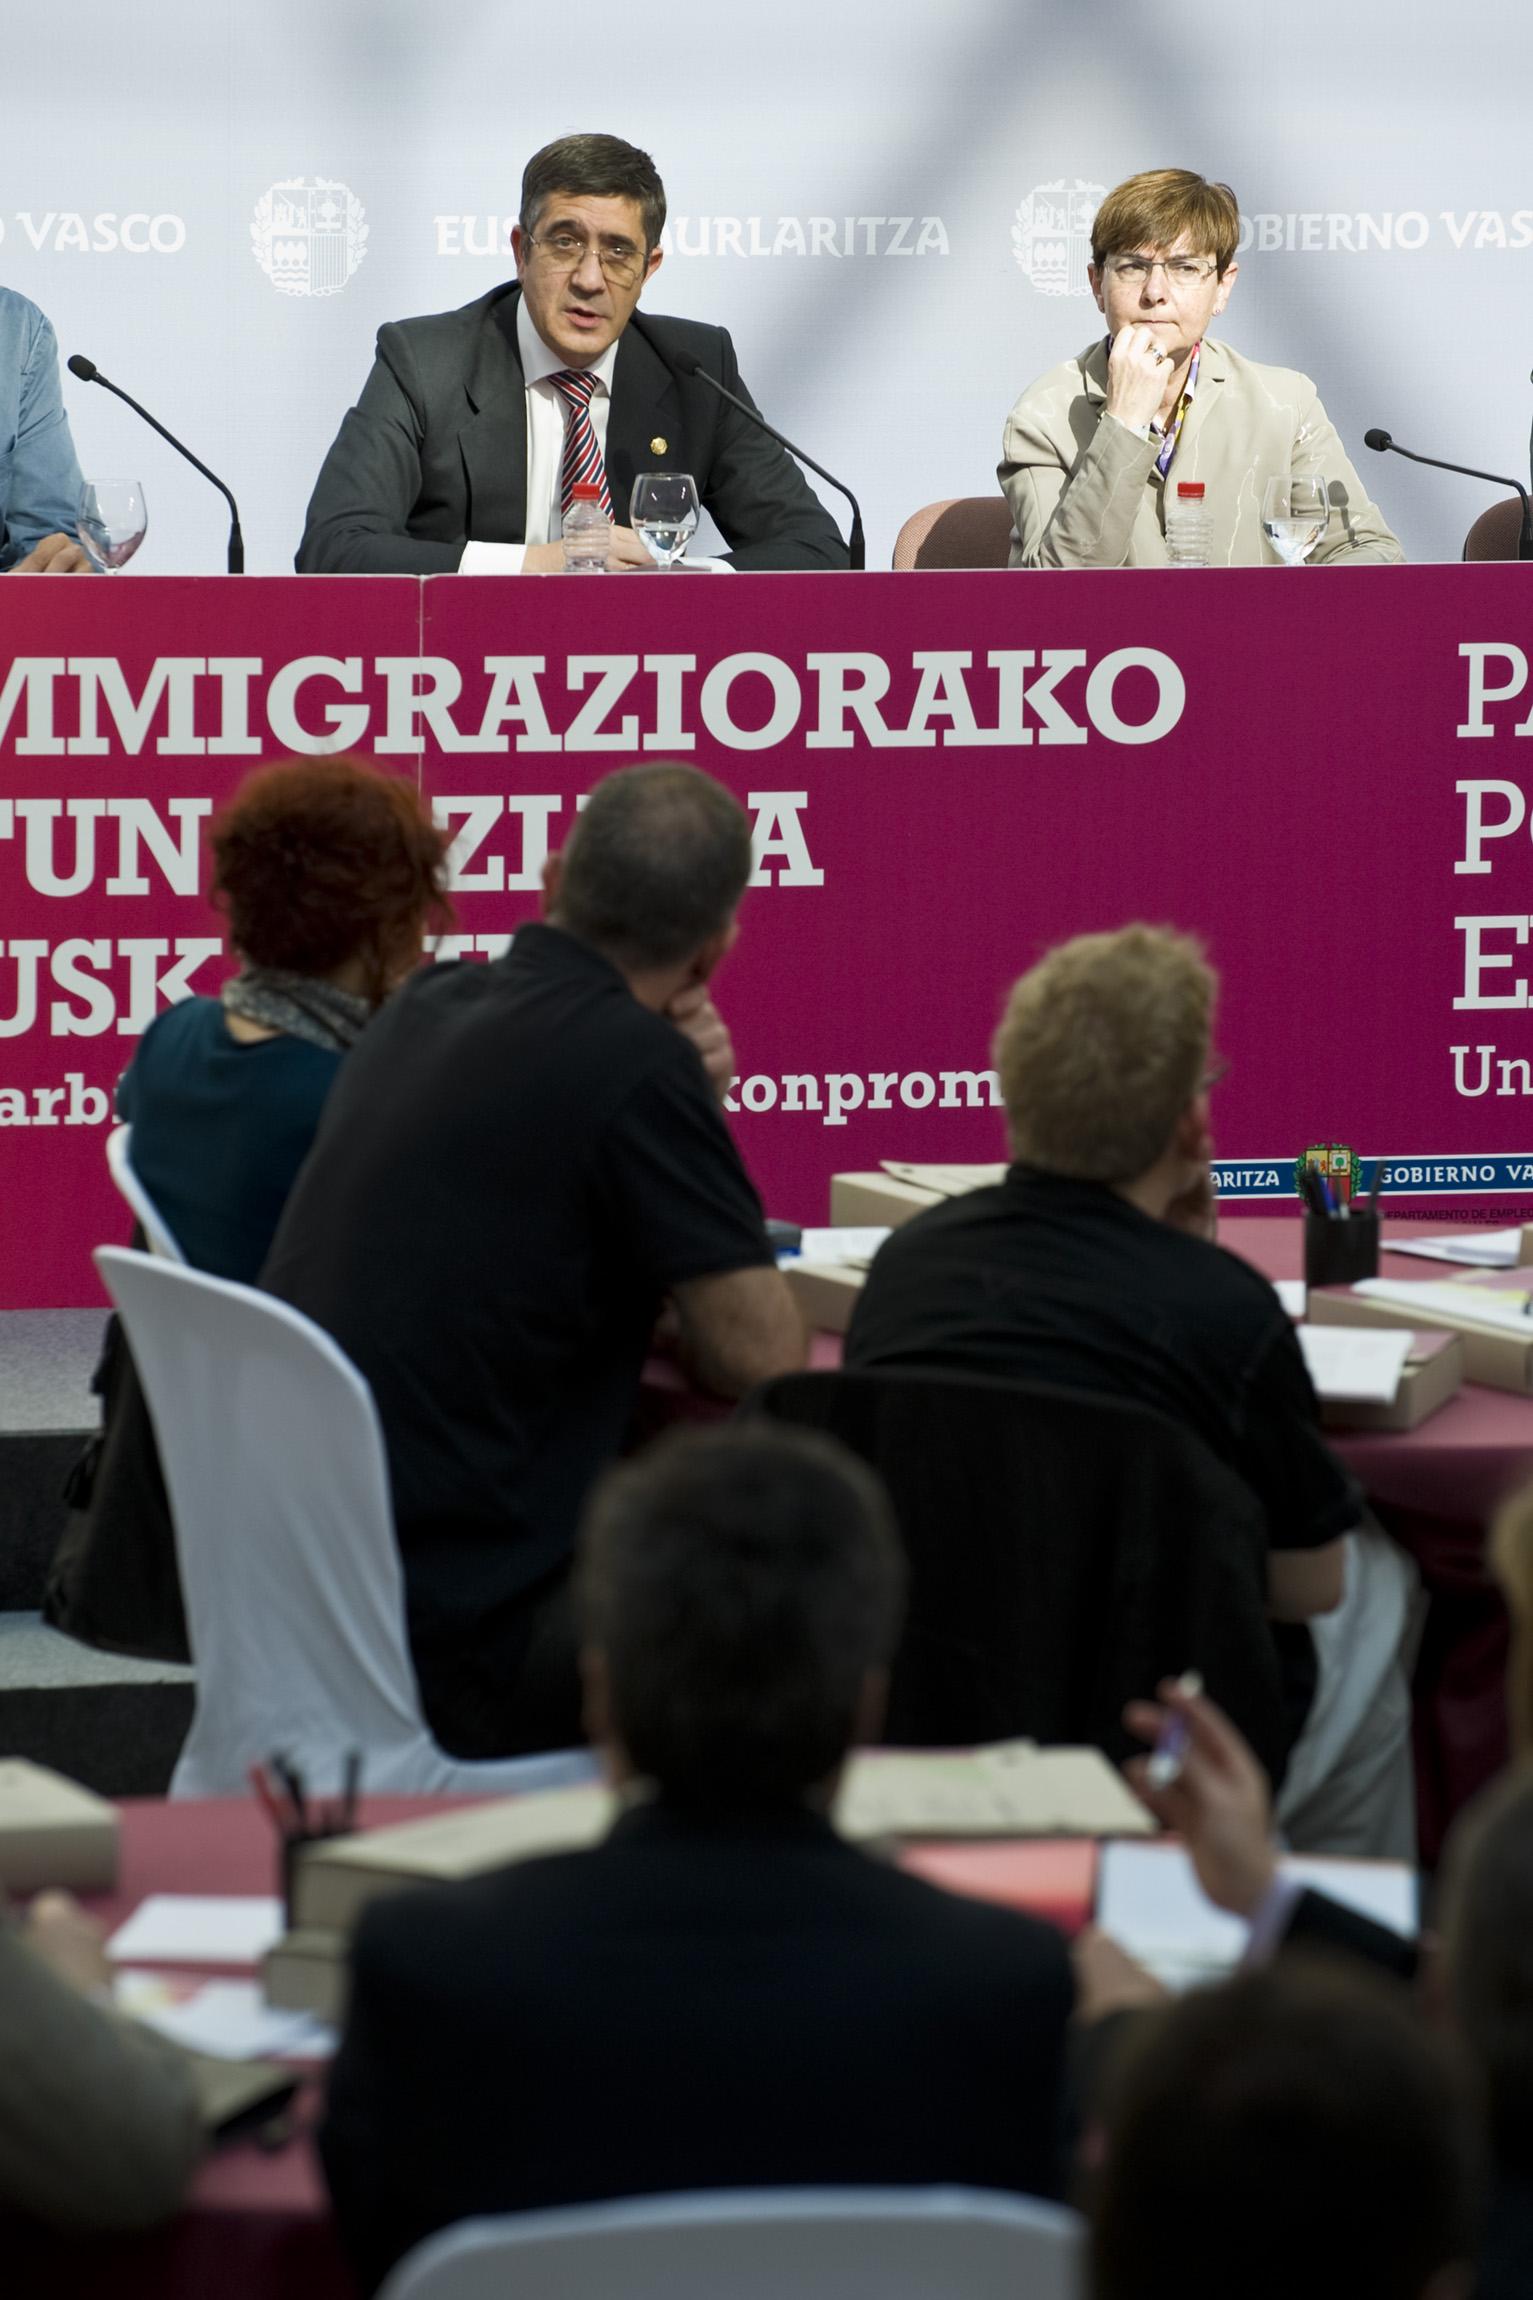 2012_05_09_lehen_inmigracion_057.jpg